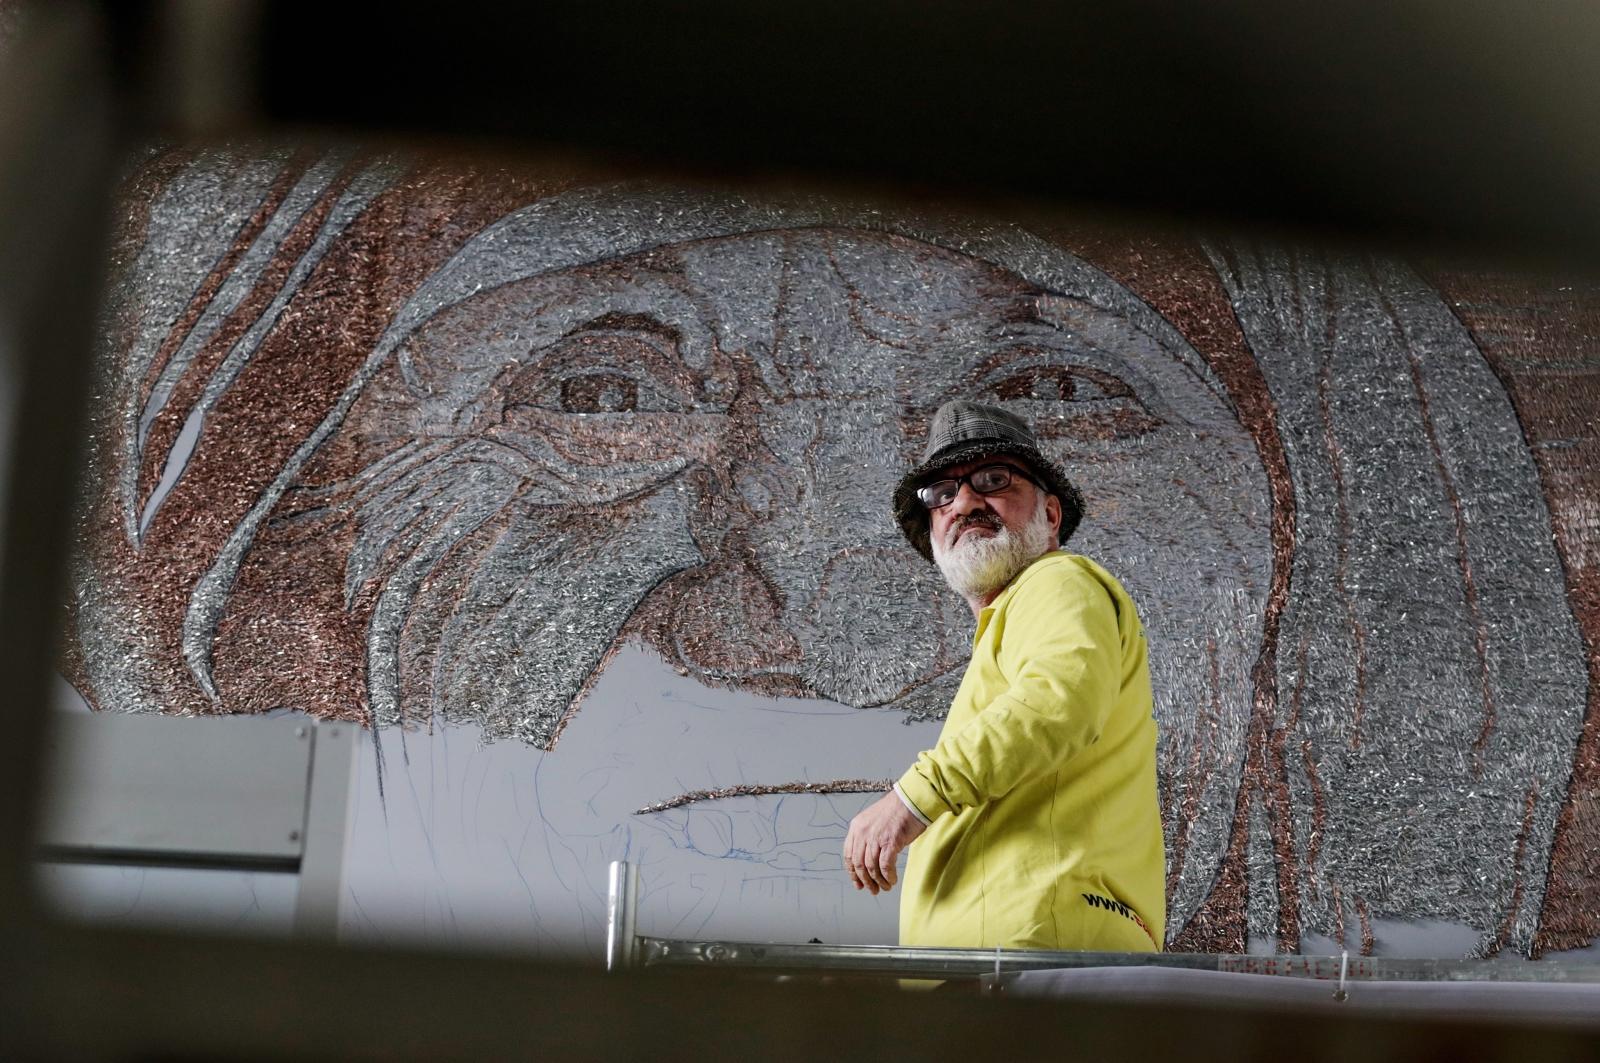 Albański artysta Saimir Strati pobił rekord Guinessa swoją mozaiką przedstawiającą Matkę Teresę z Kalkuty. Ma ona 10 metrów kwadratowych. Zrobiona została w 28 dni z użyciem 1,5mln elementów. Fot.EPA/VALDRIN XHEMAJ